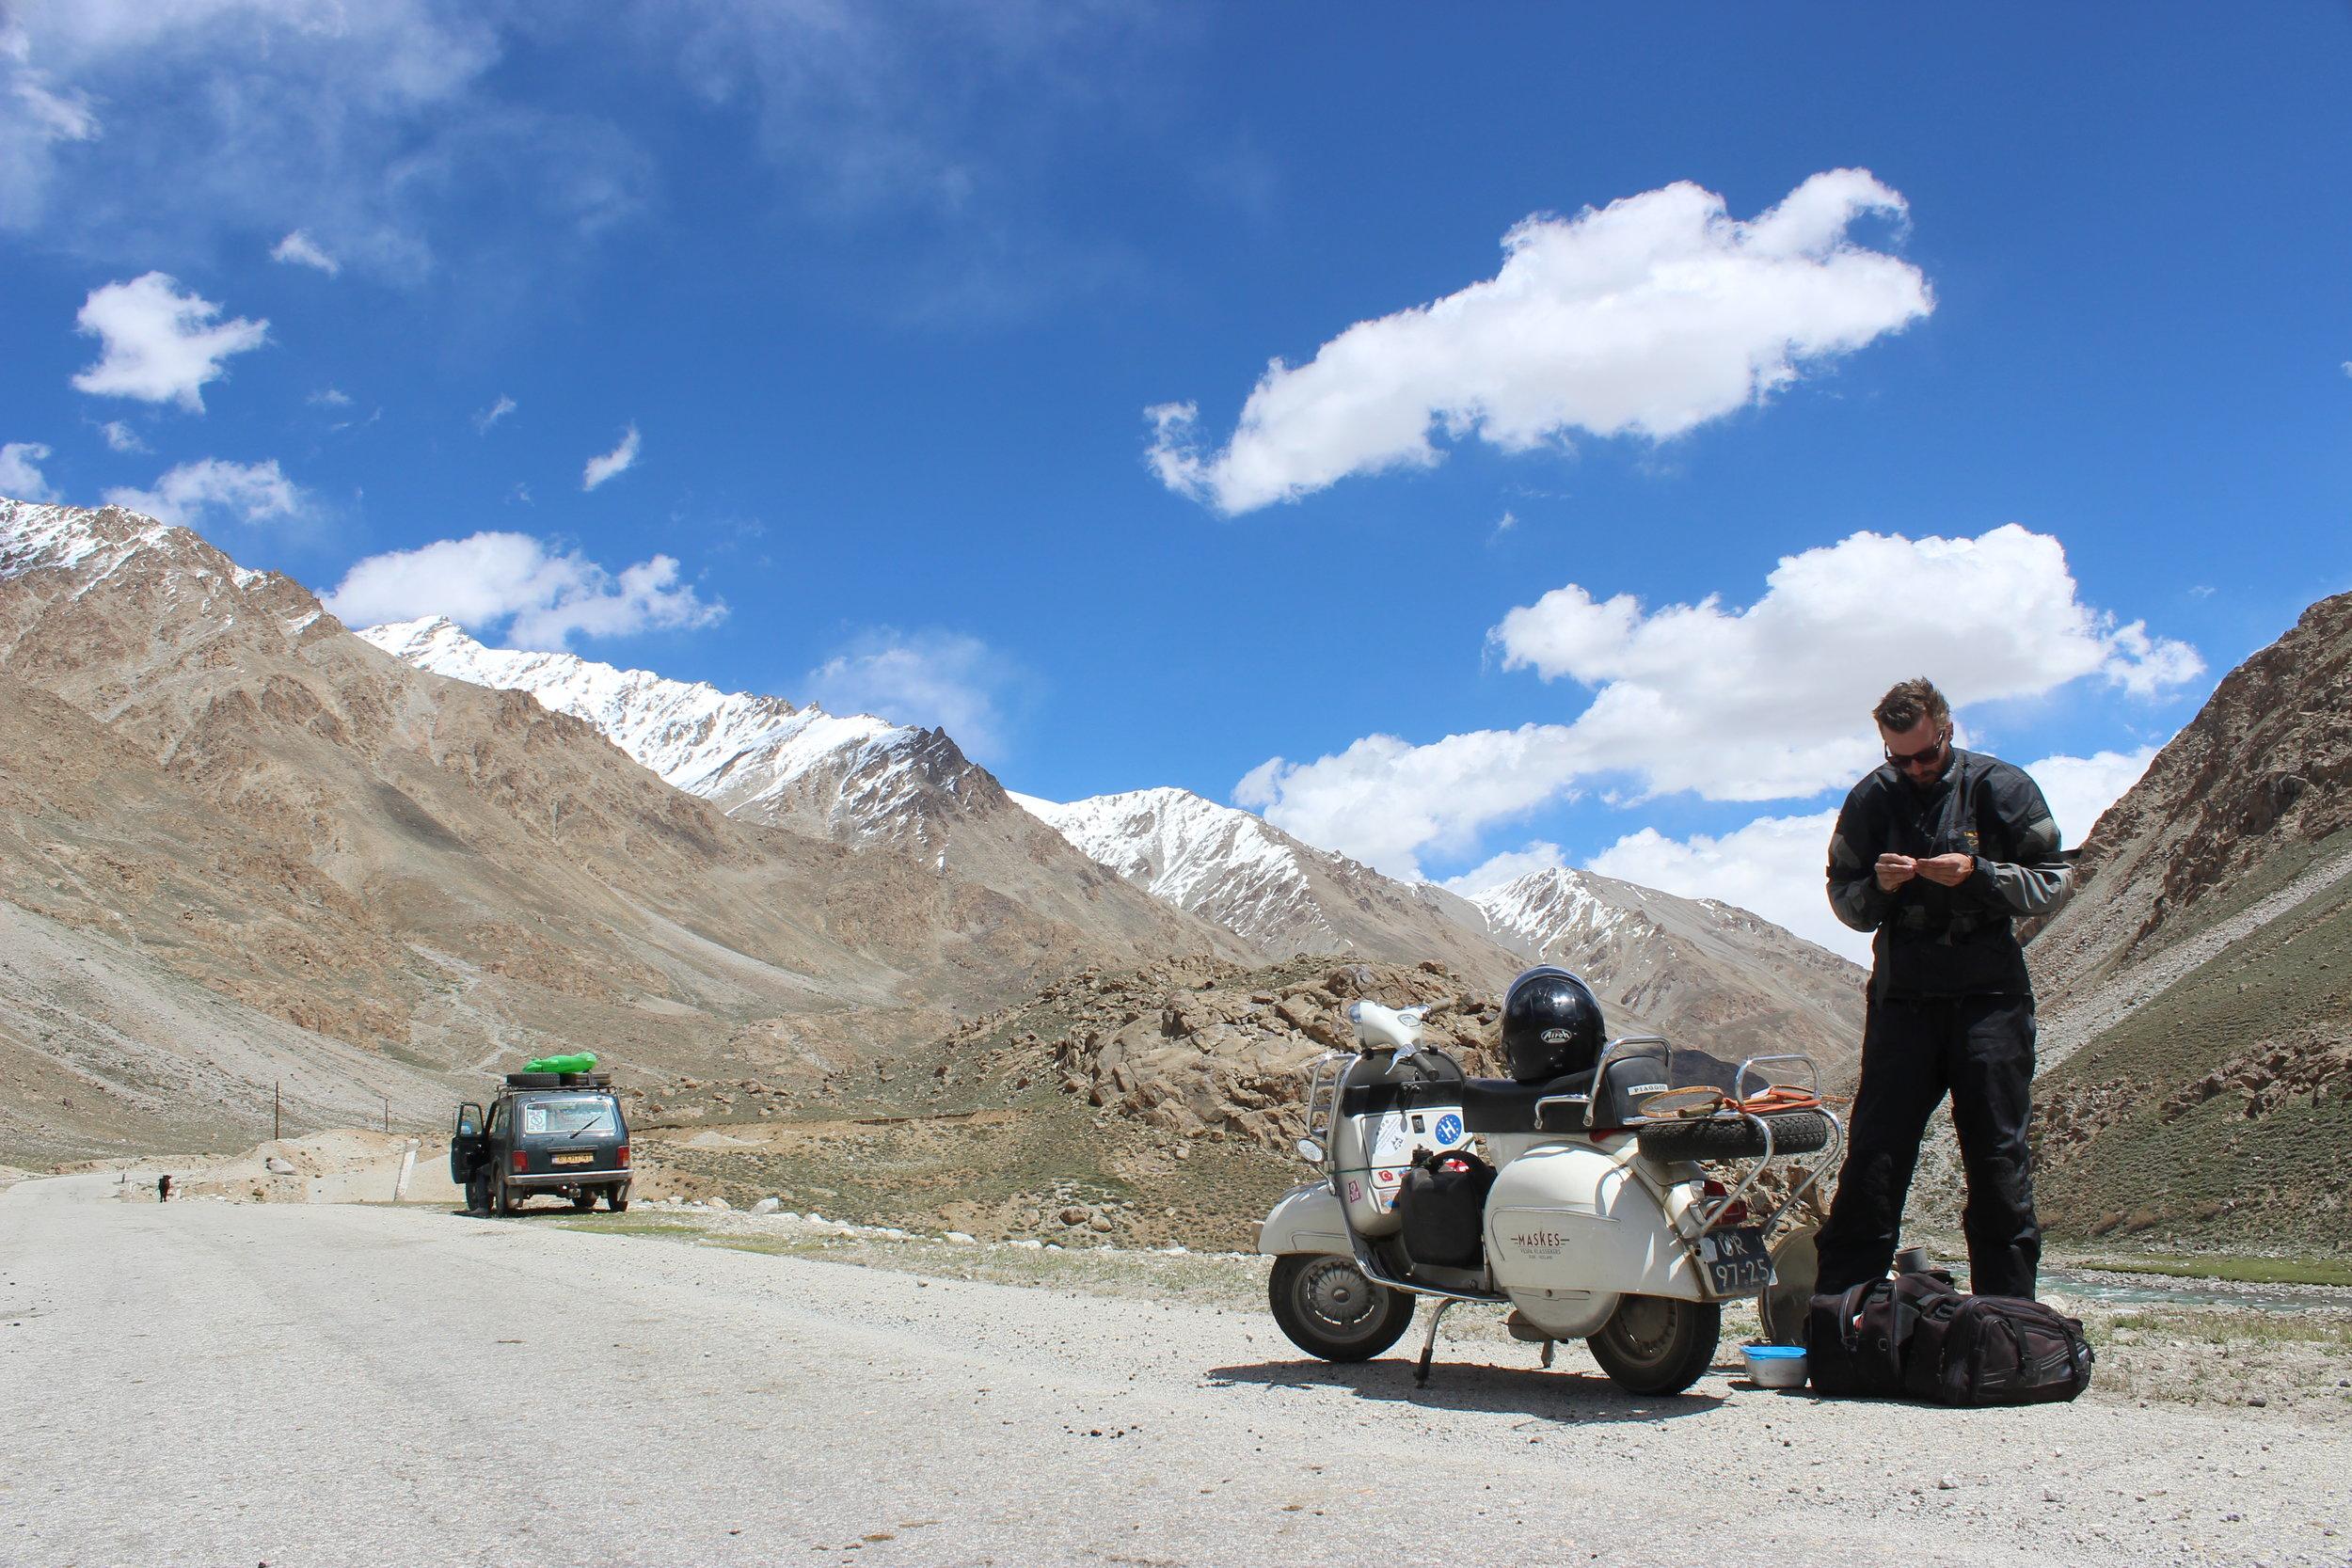 Laurens de Rijke doing maintenance on his Vespa GS160, picture taken on the Pamir Highway in Tajikistan.